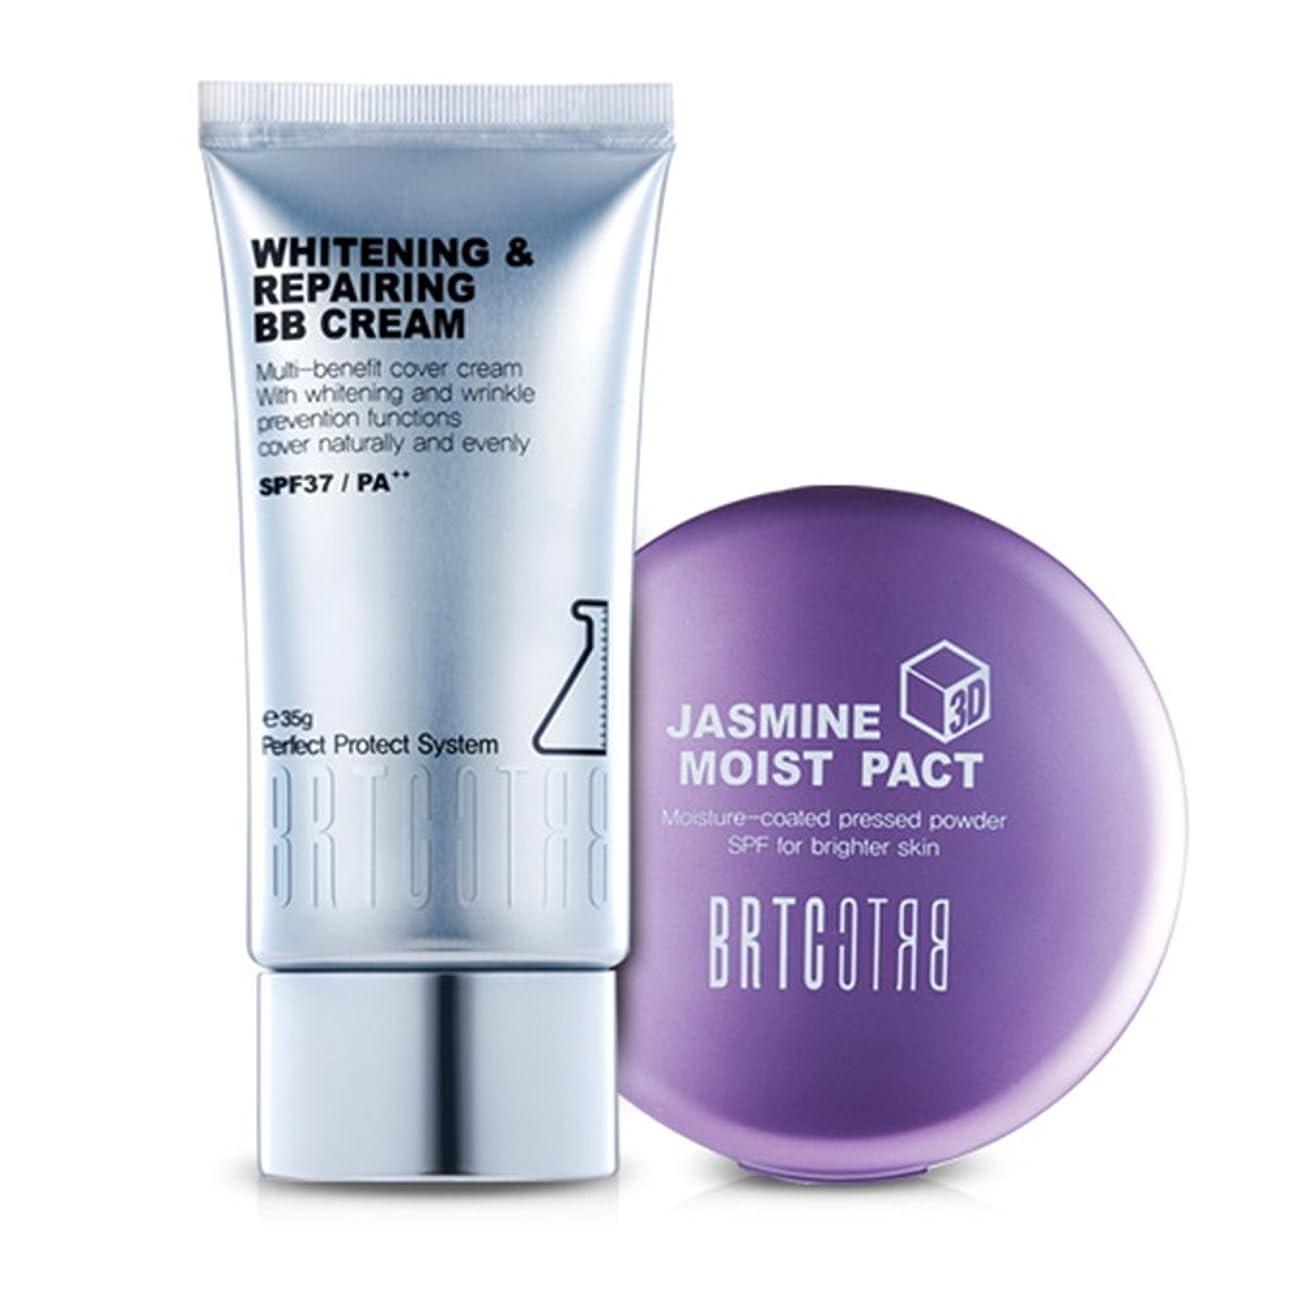 願望十二代替案【BRTC/非アルティ時】Whitening&Moisture Make Up Setホワイトニングビビ水分ファクト35g 13g[BB Cream+ Moist Pact Set](海外直送品)